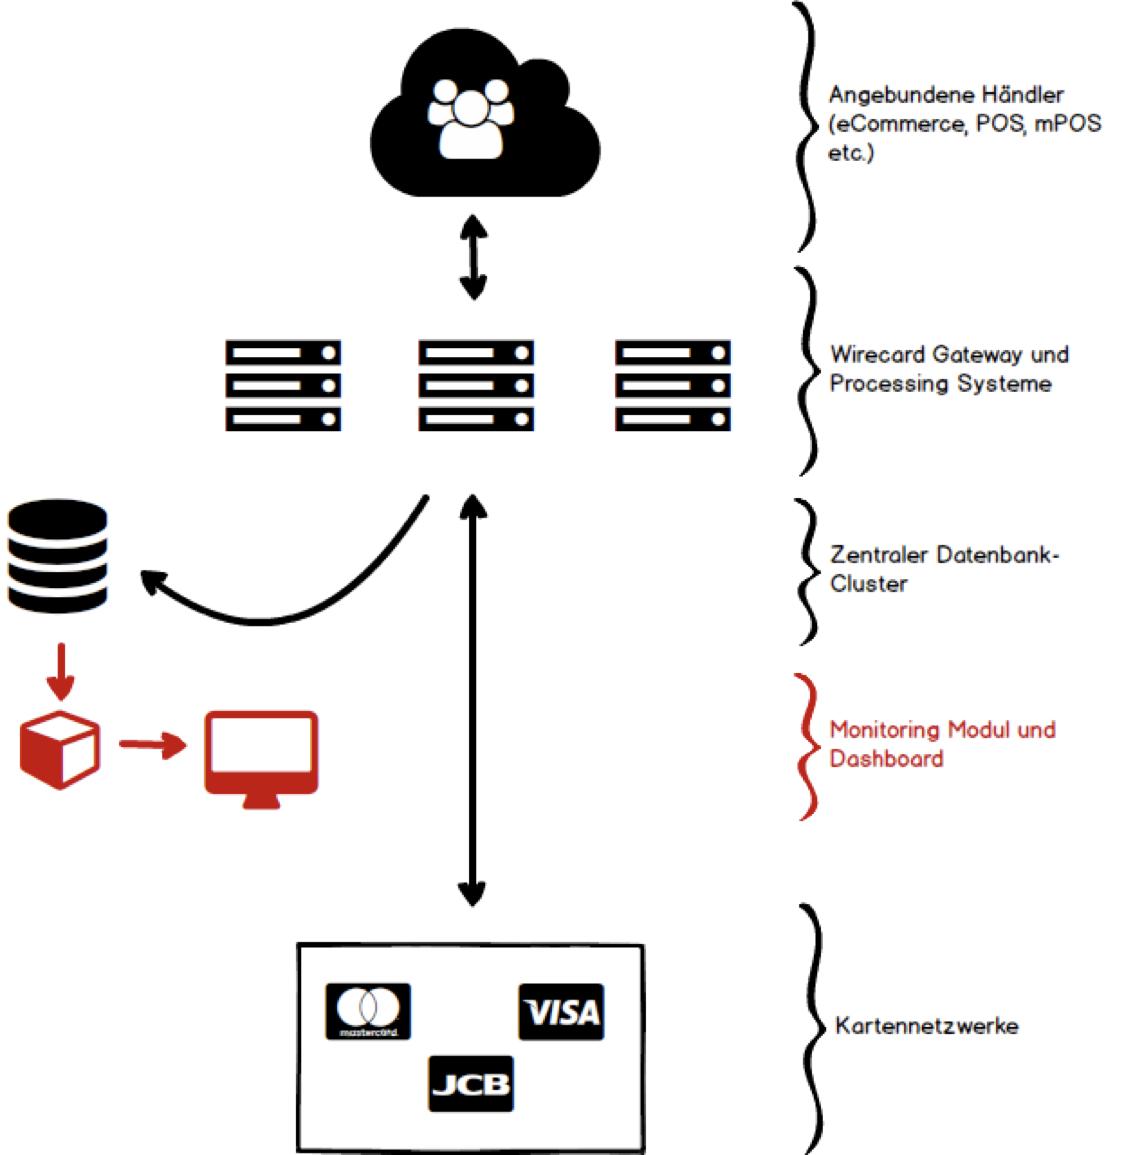 Bisheriger Monitoring-Prozess